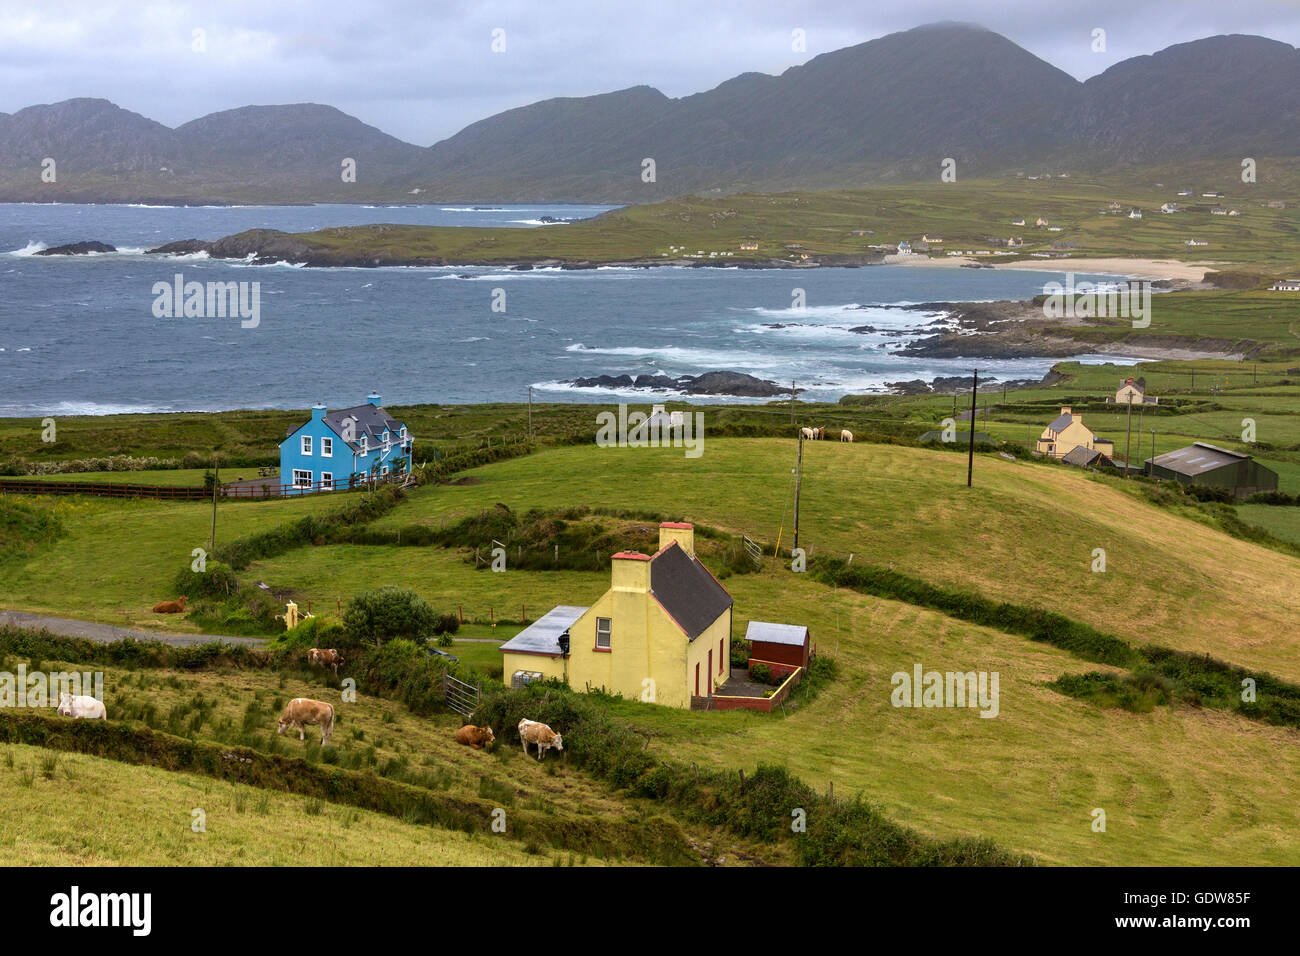 Dramatic coastline of the Beara Peninsula, on the southwest coast of the Republic of Ireland. - Stock Image